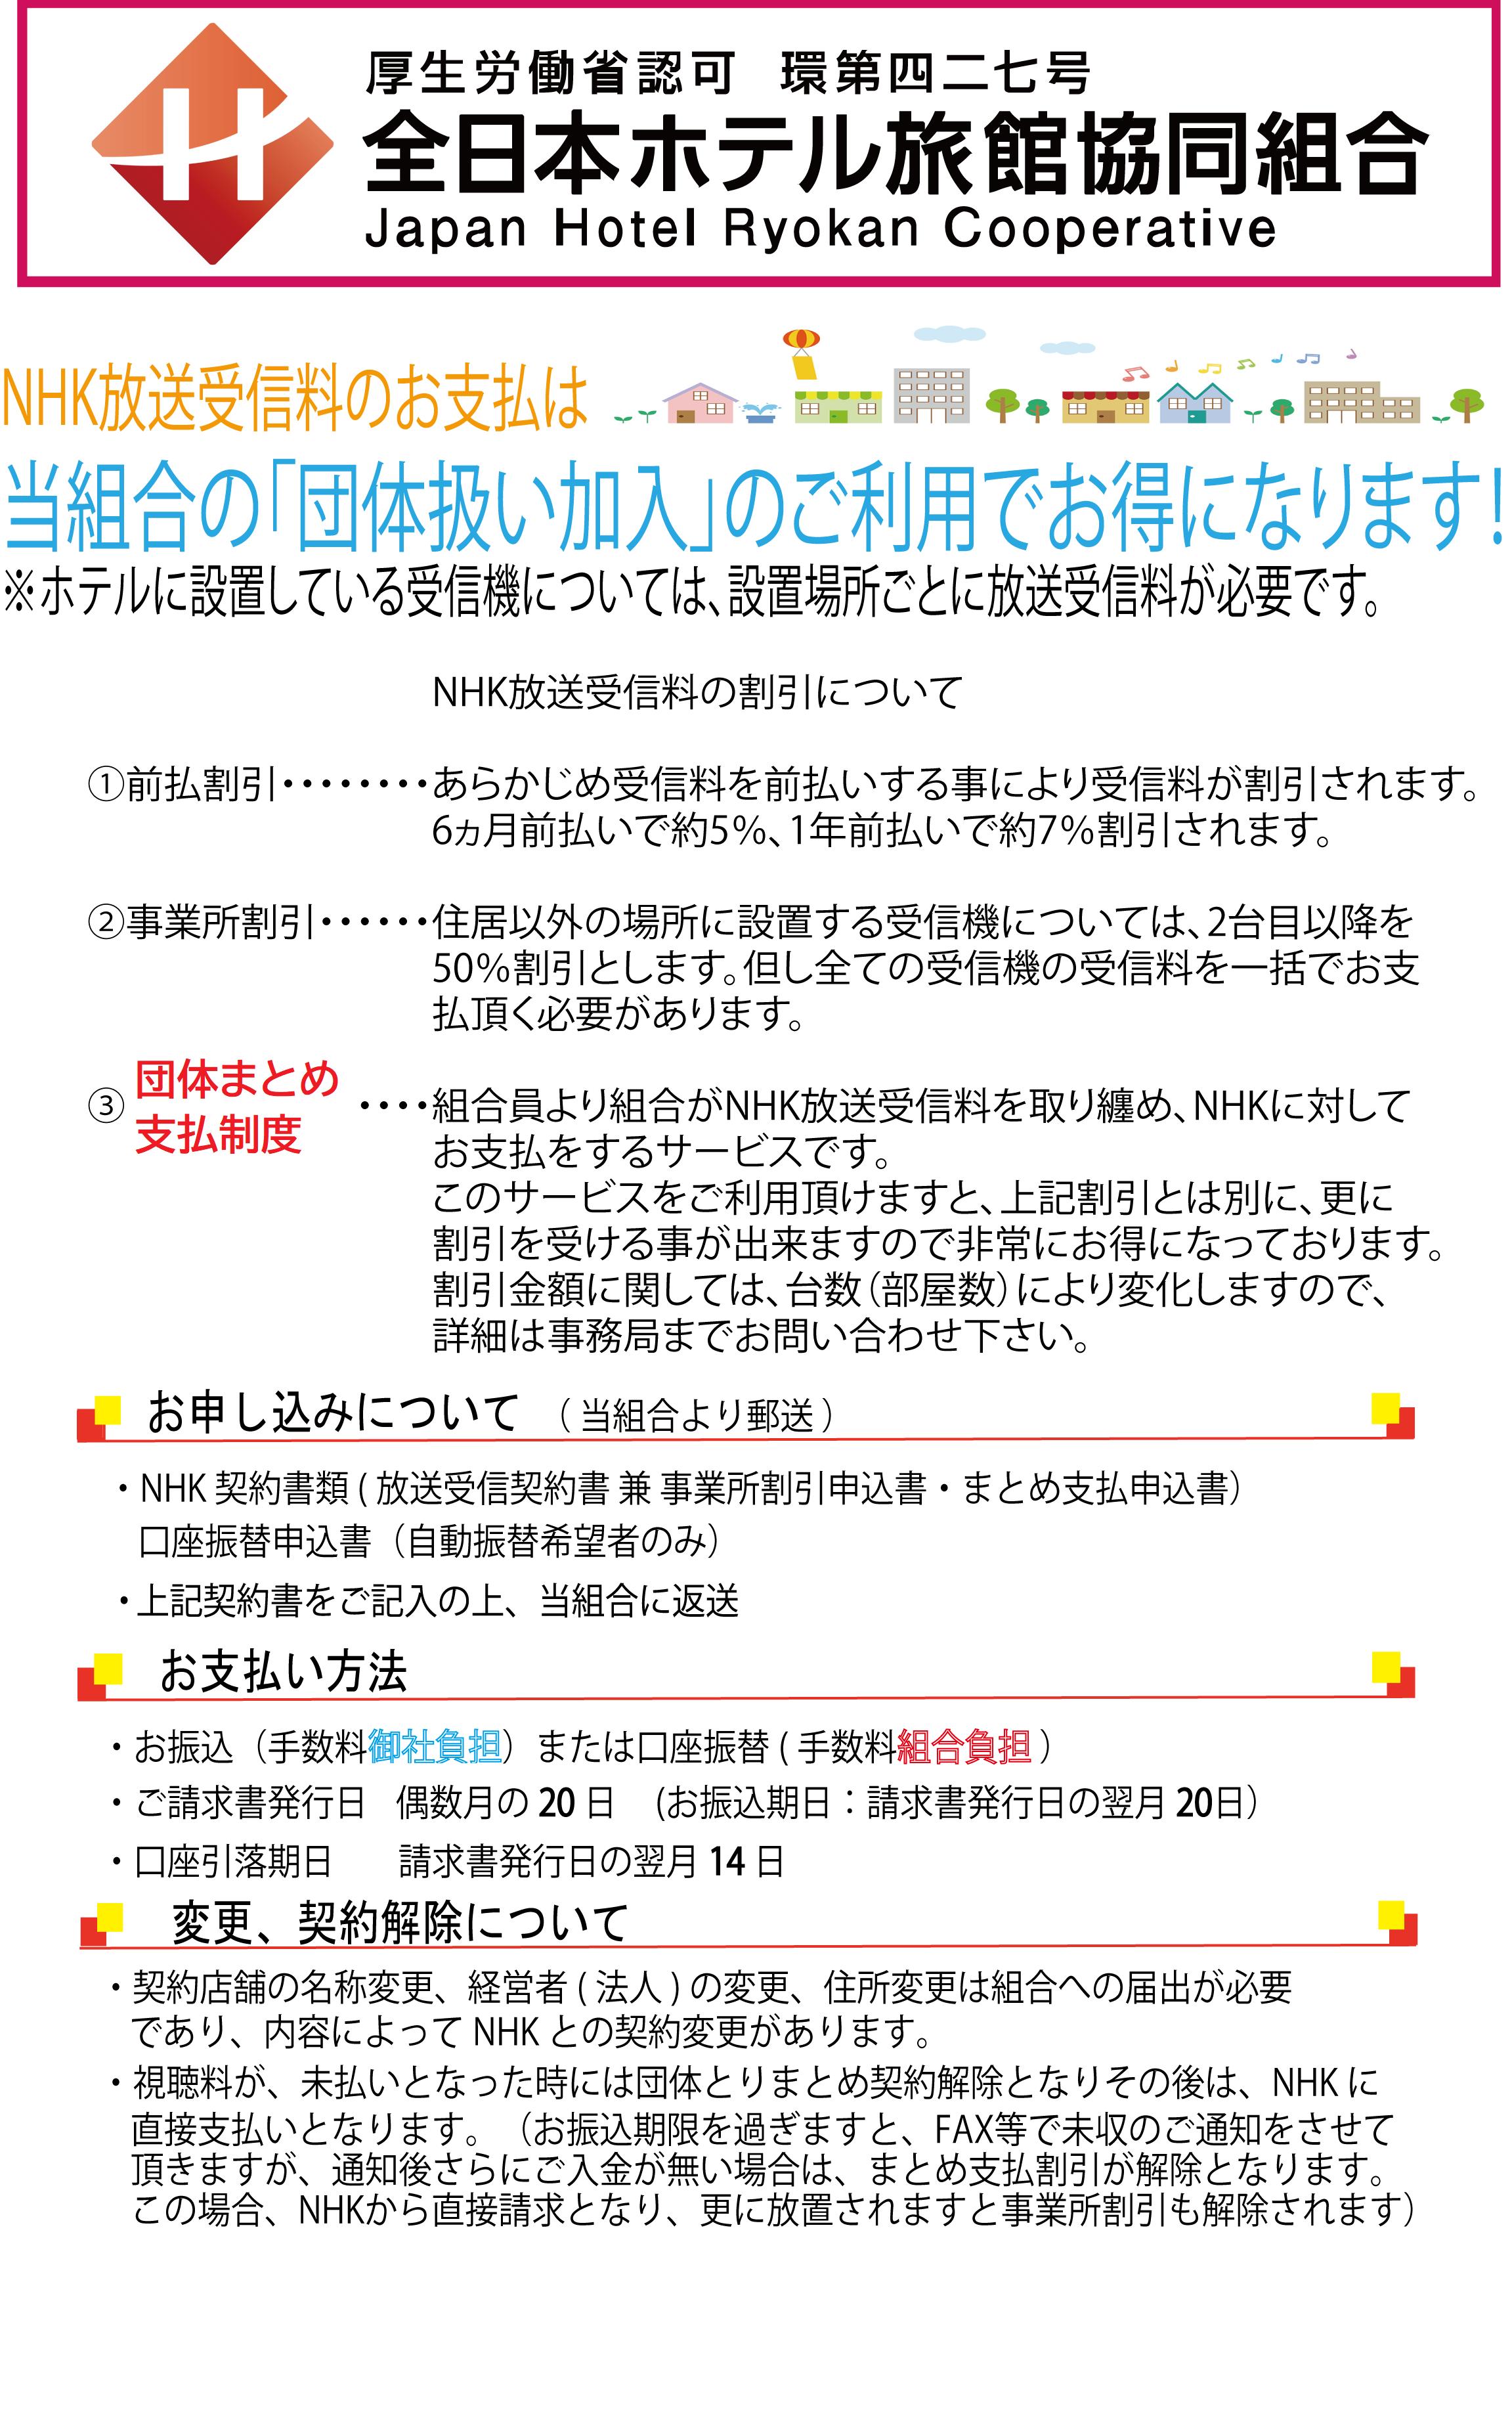 全日本ホテル旅館協同組合|トップページ